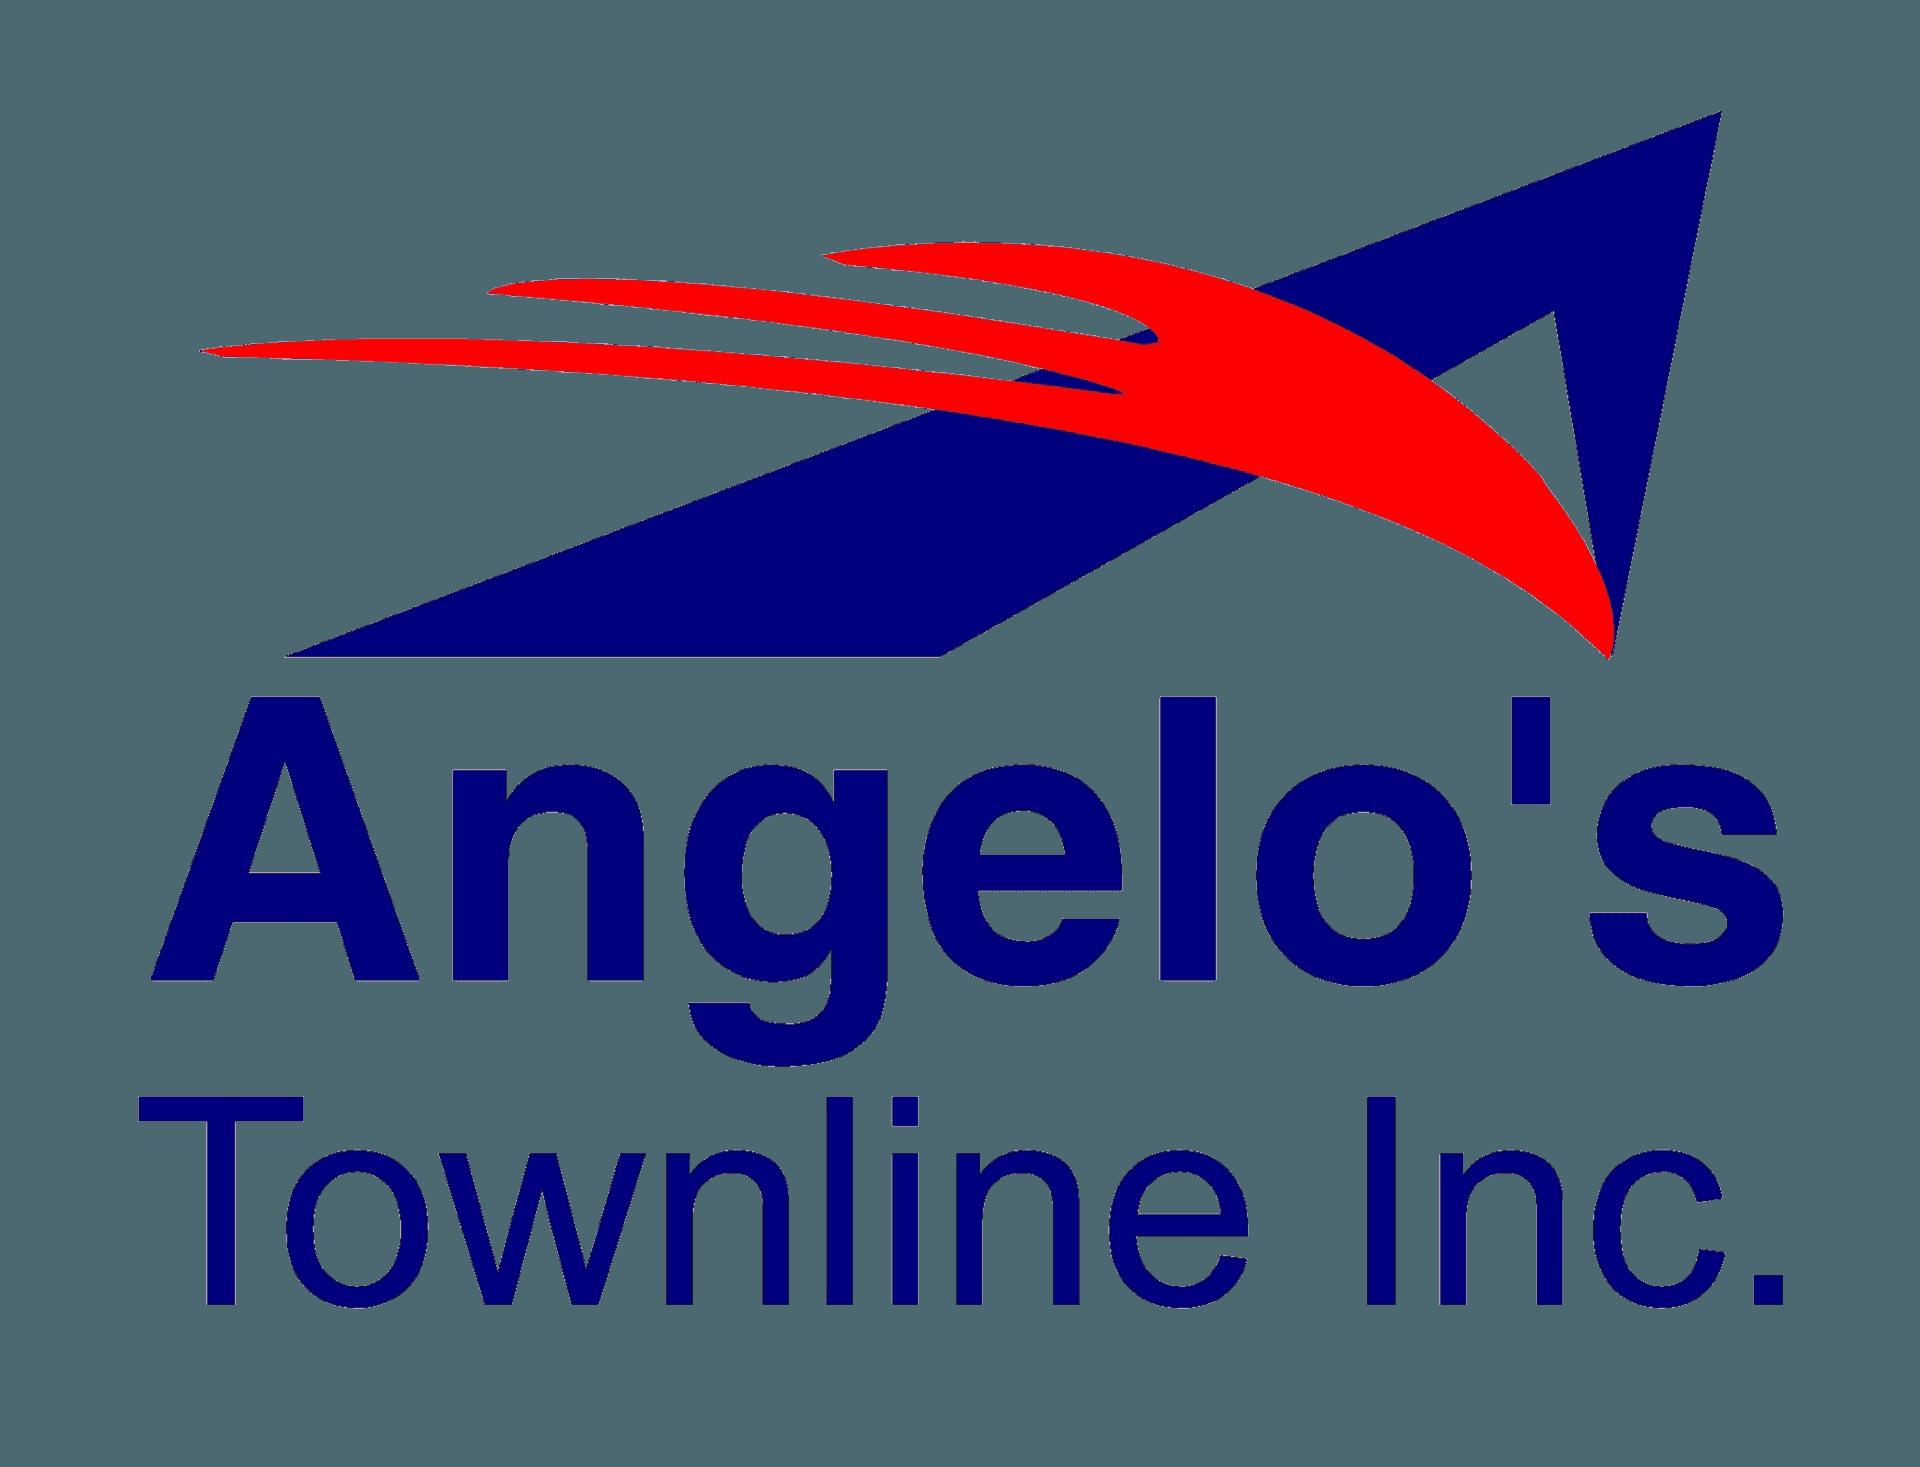 Angelo Townline Auto Svc - logo